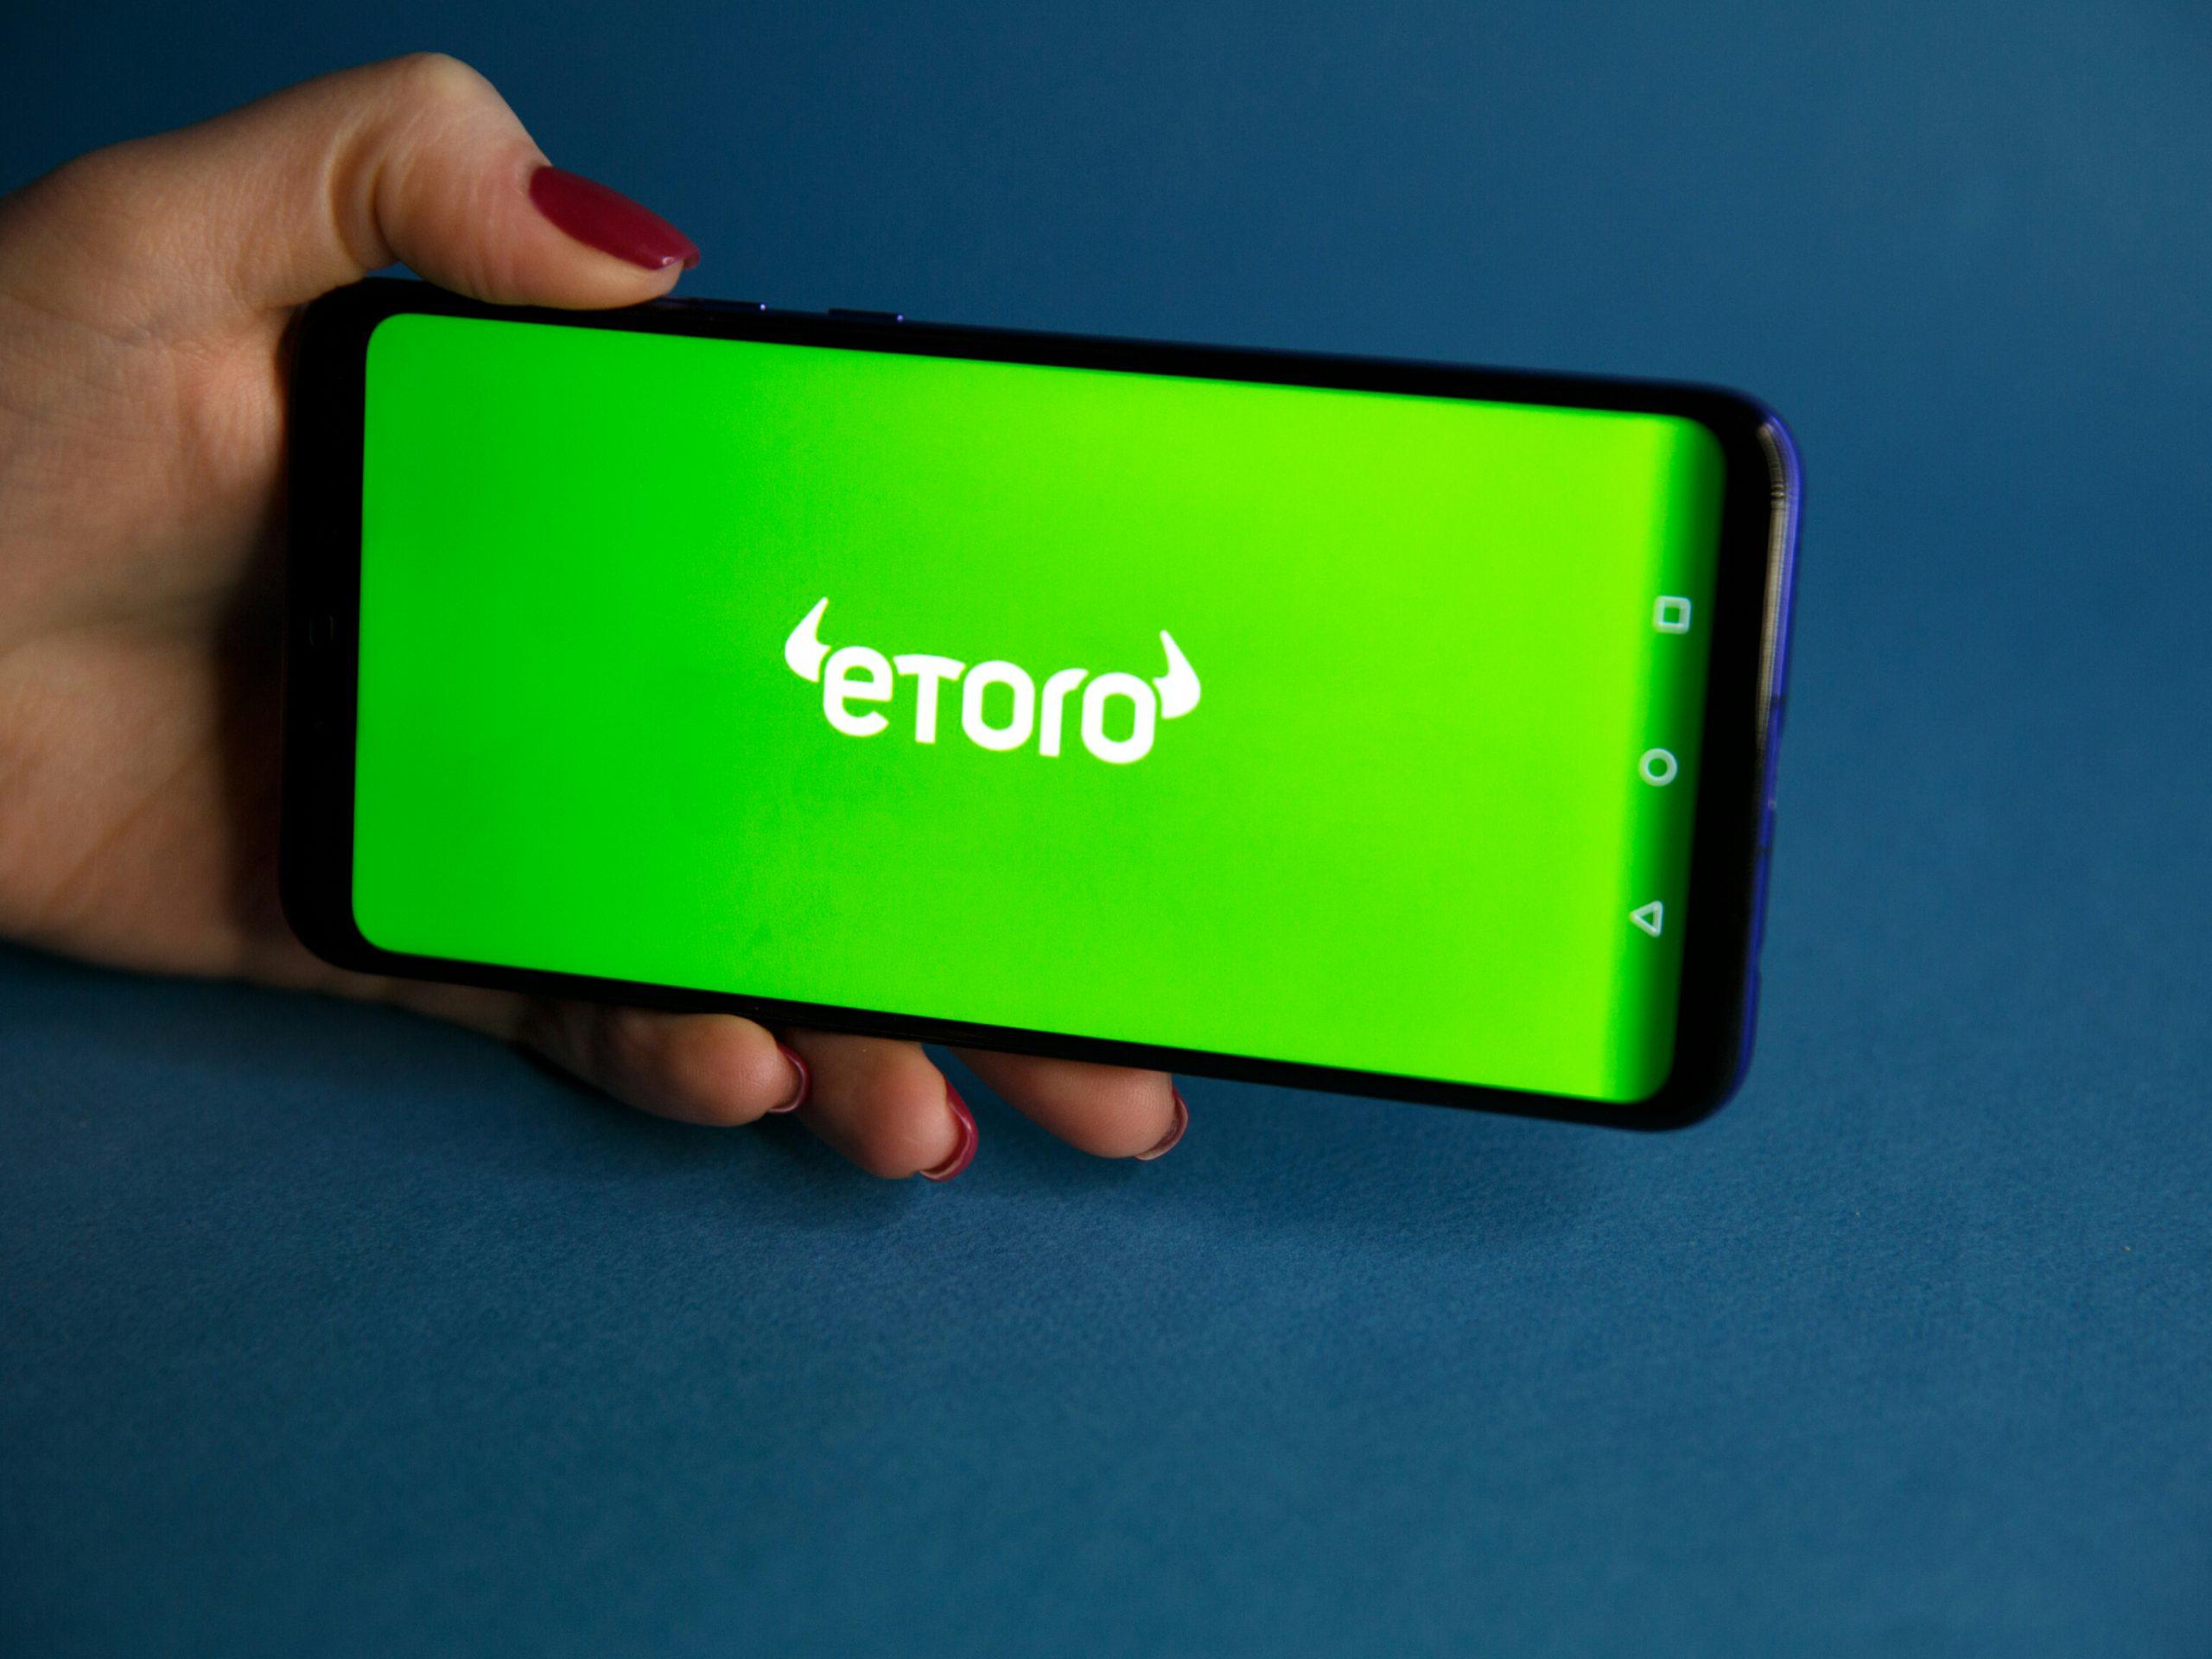 eToro Review 2020